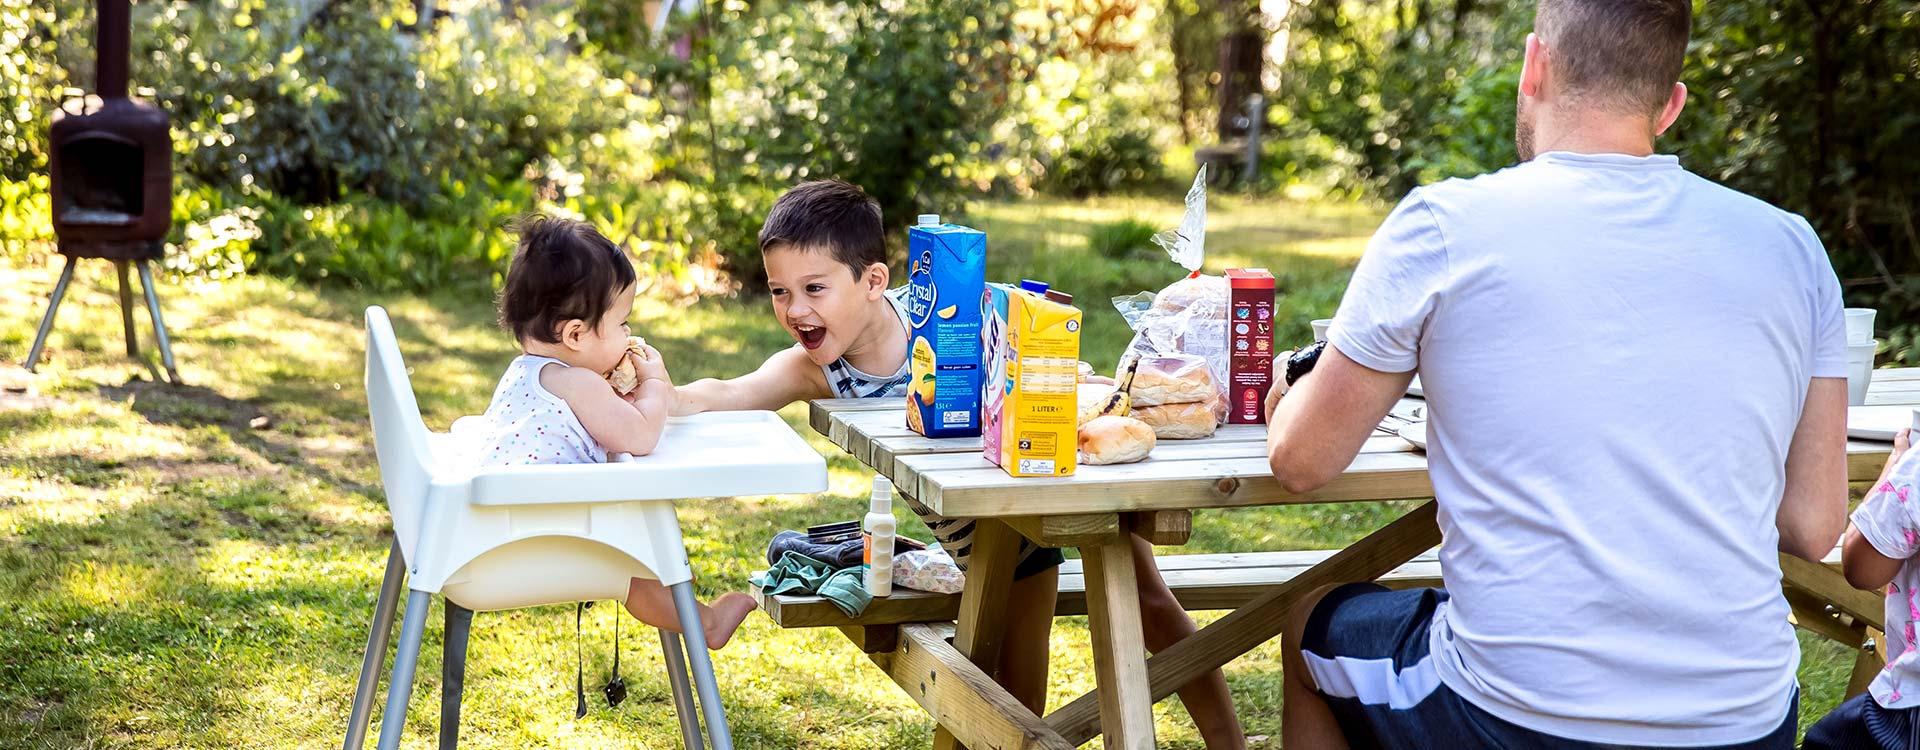 kamperen-is-echt-genieten-met-het-hele-gezin